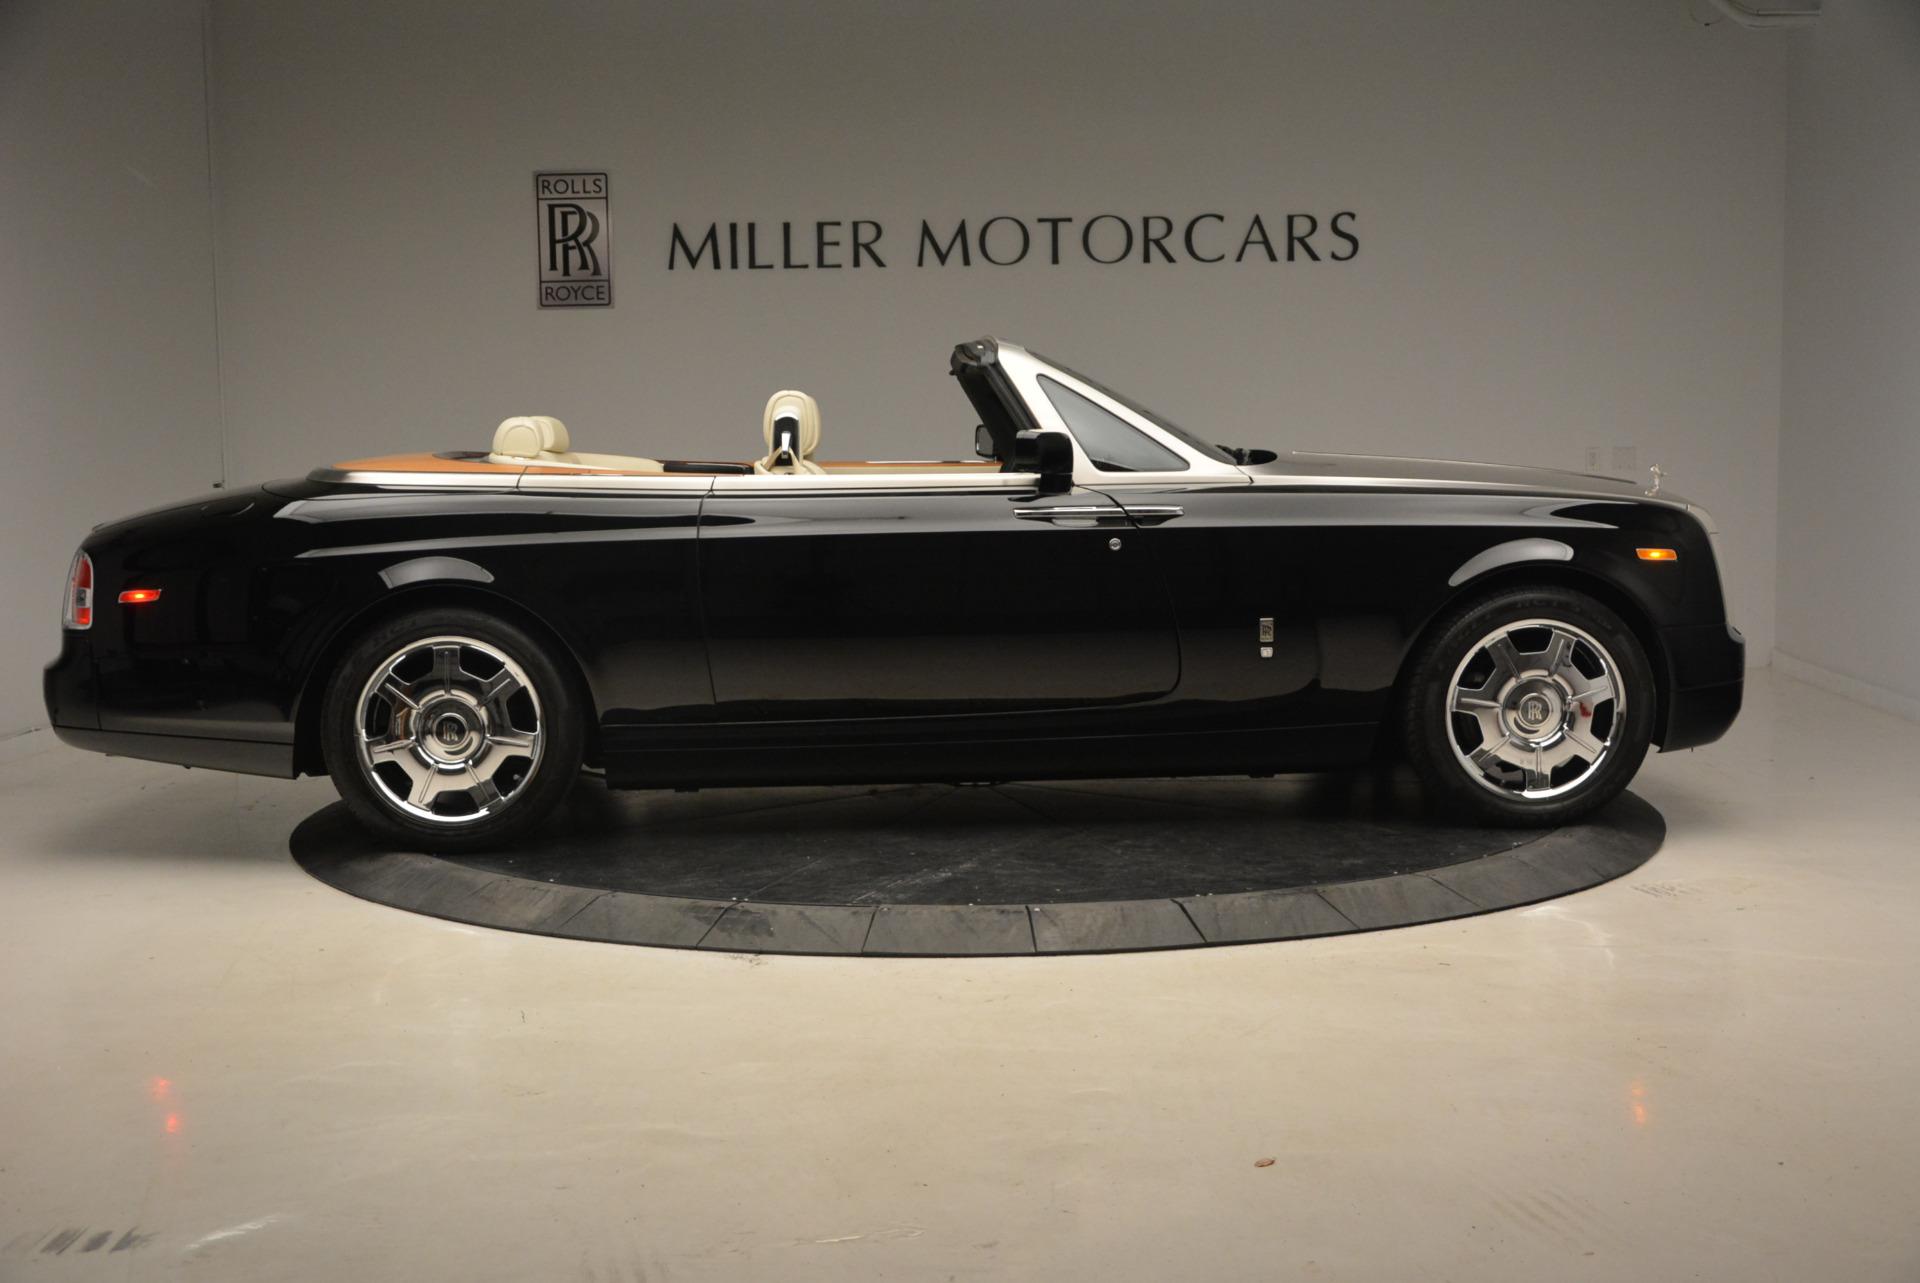 Used 2009 Rolls-Royce Phantom Drophead Coupe  For Sale In Westport, CT 1792_p10